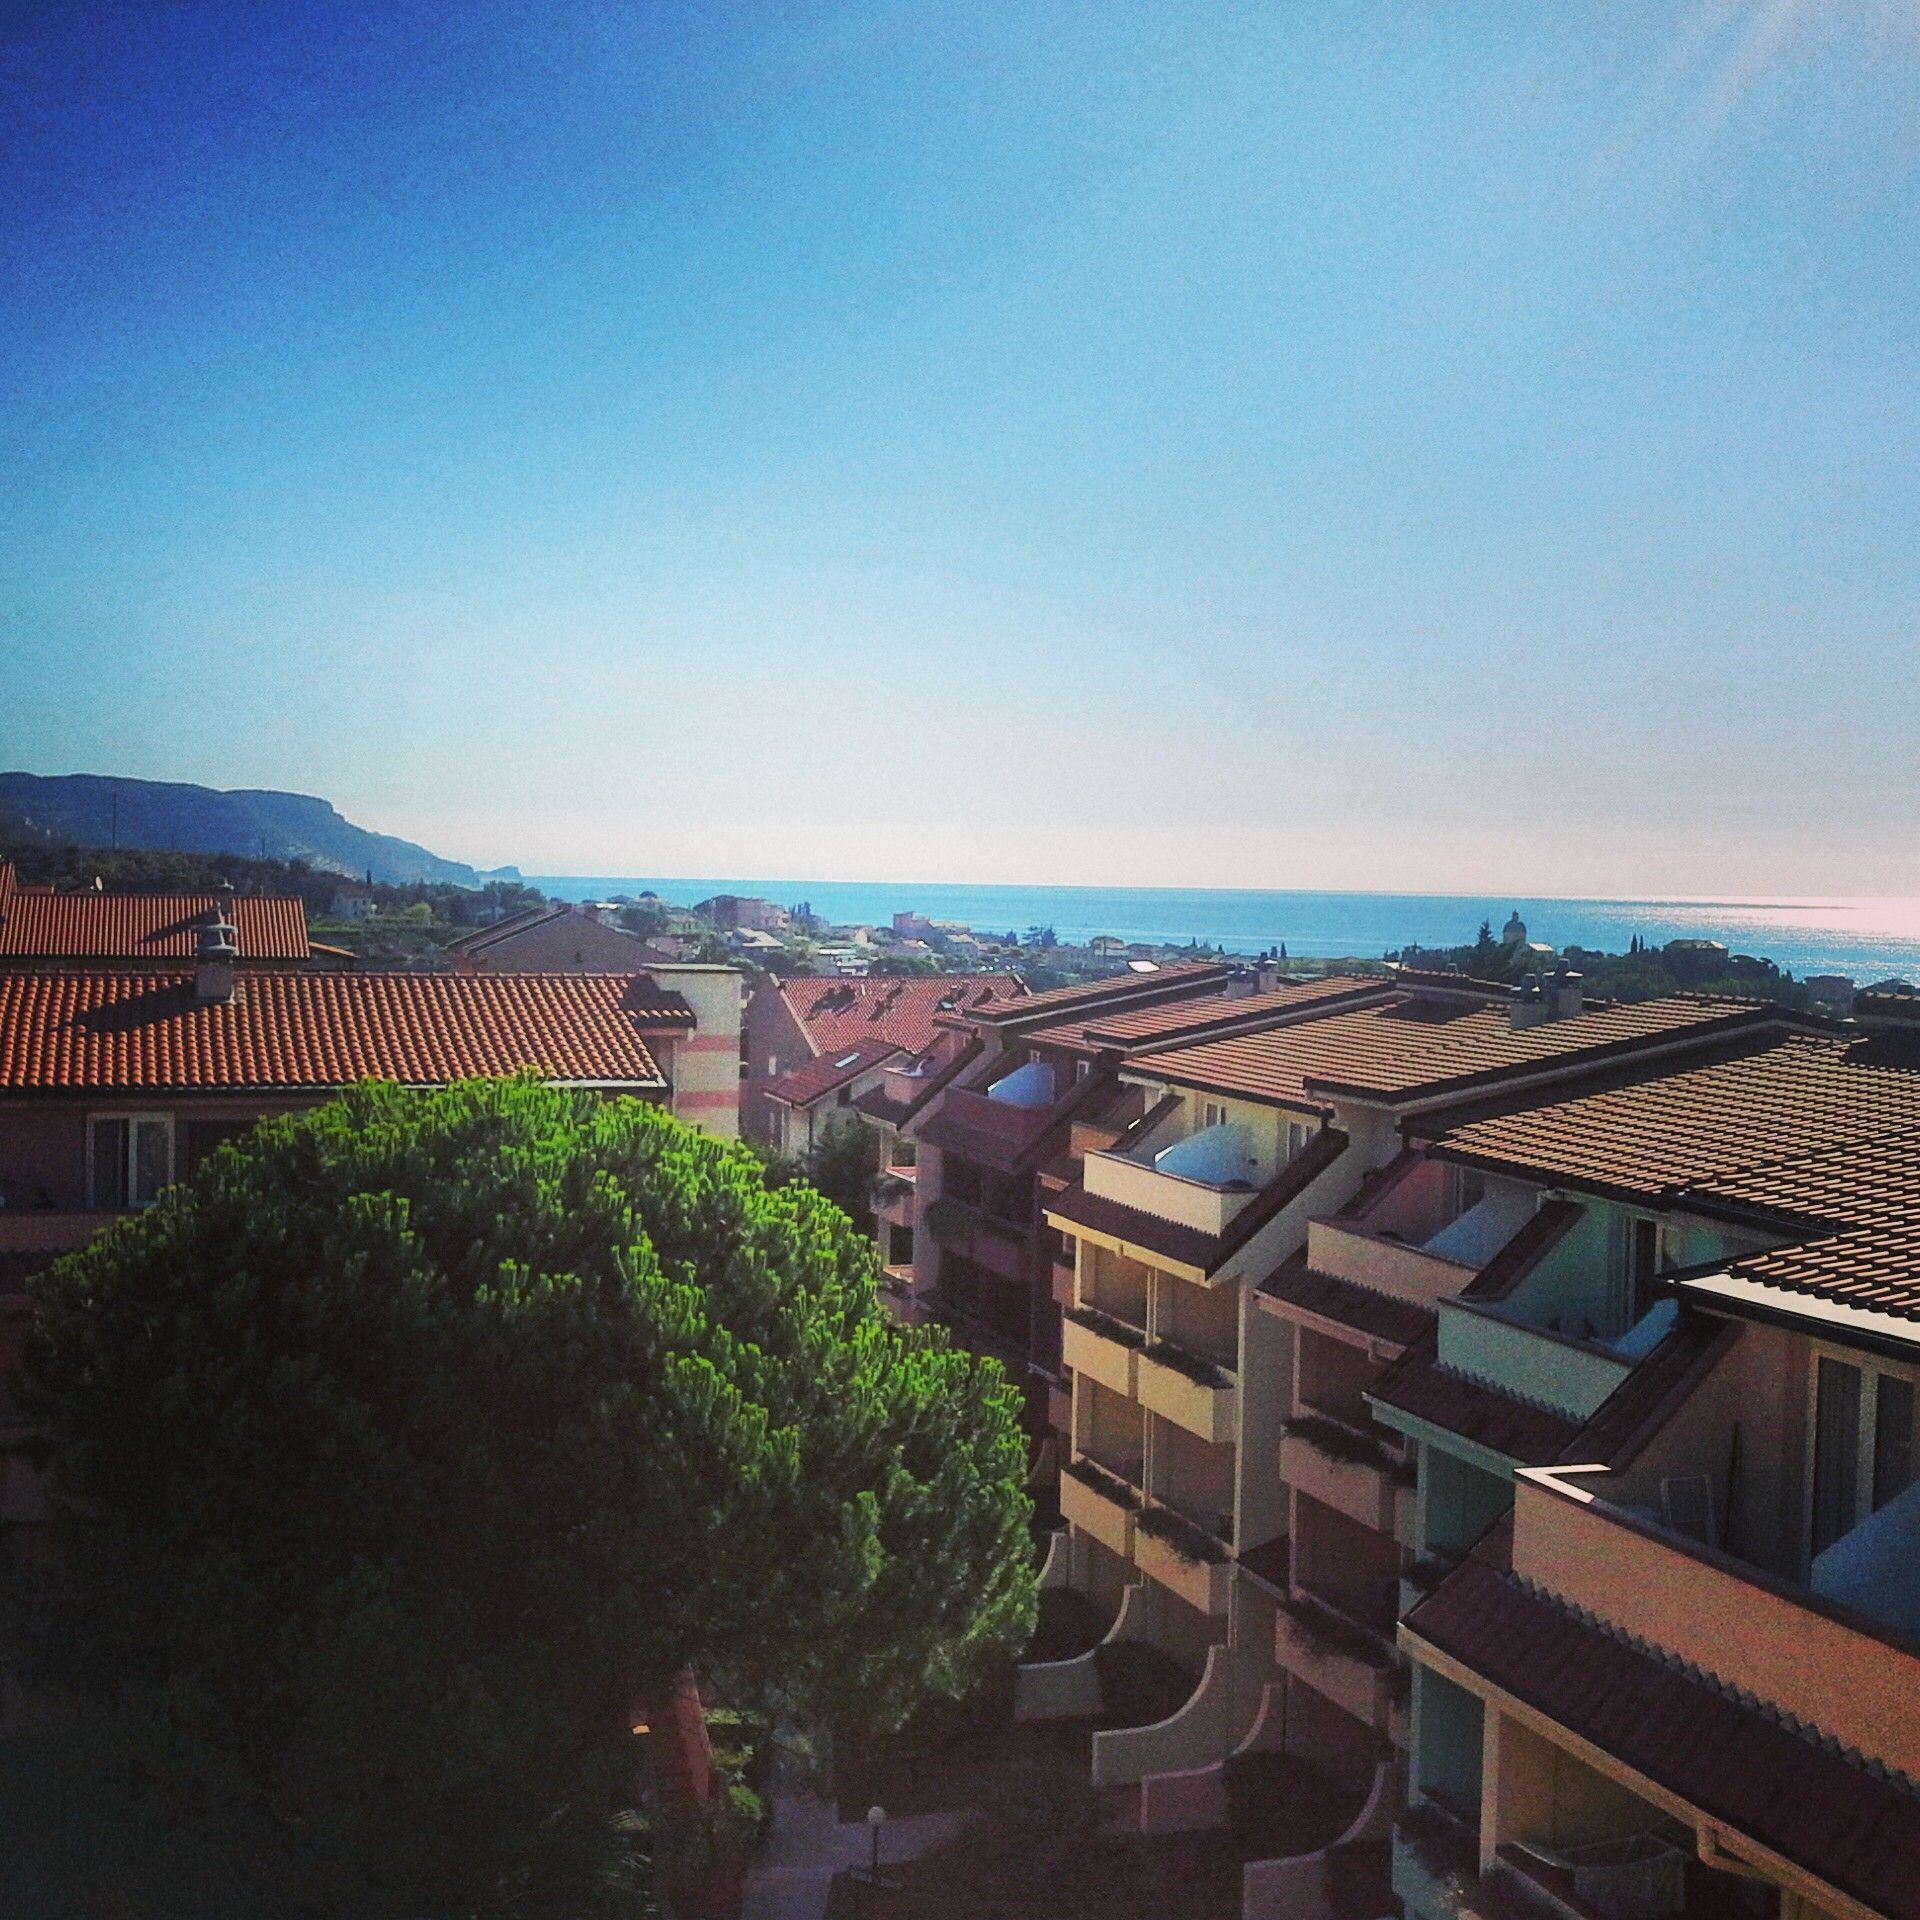 #panorama #loano2village #italy #loano #resort #likeit #wonderful #colors #bluesky #green #tree #many #apartment #riviera